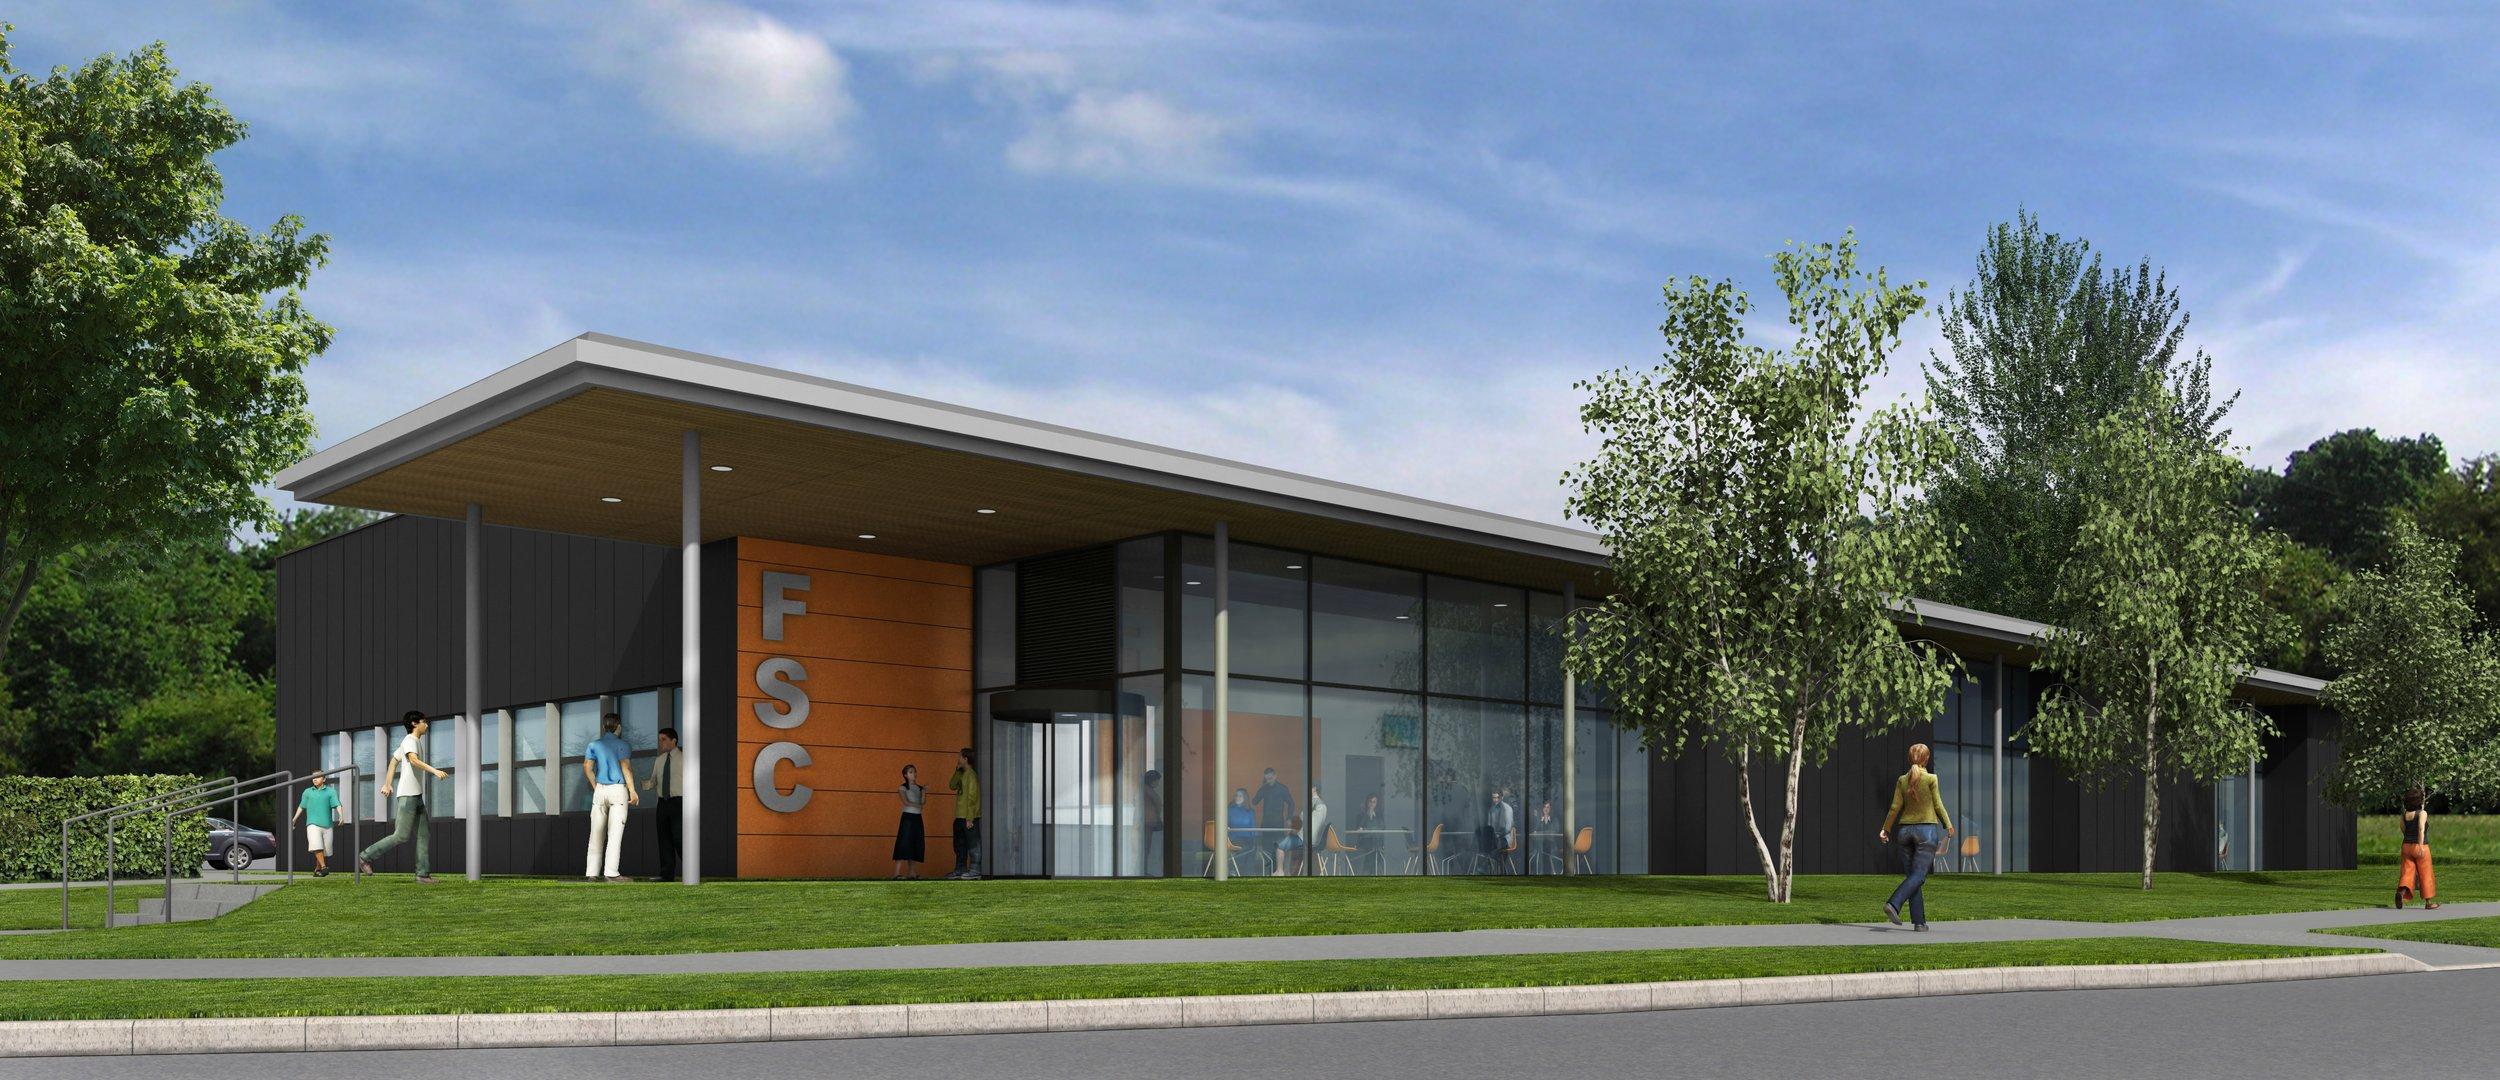 Future Skills Centre, Bordon